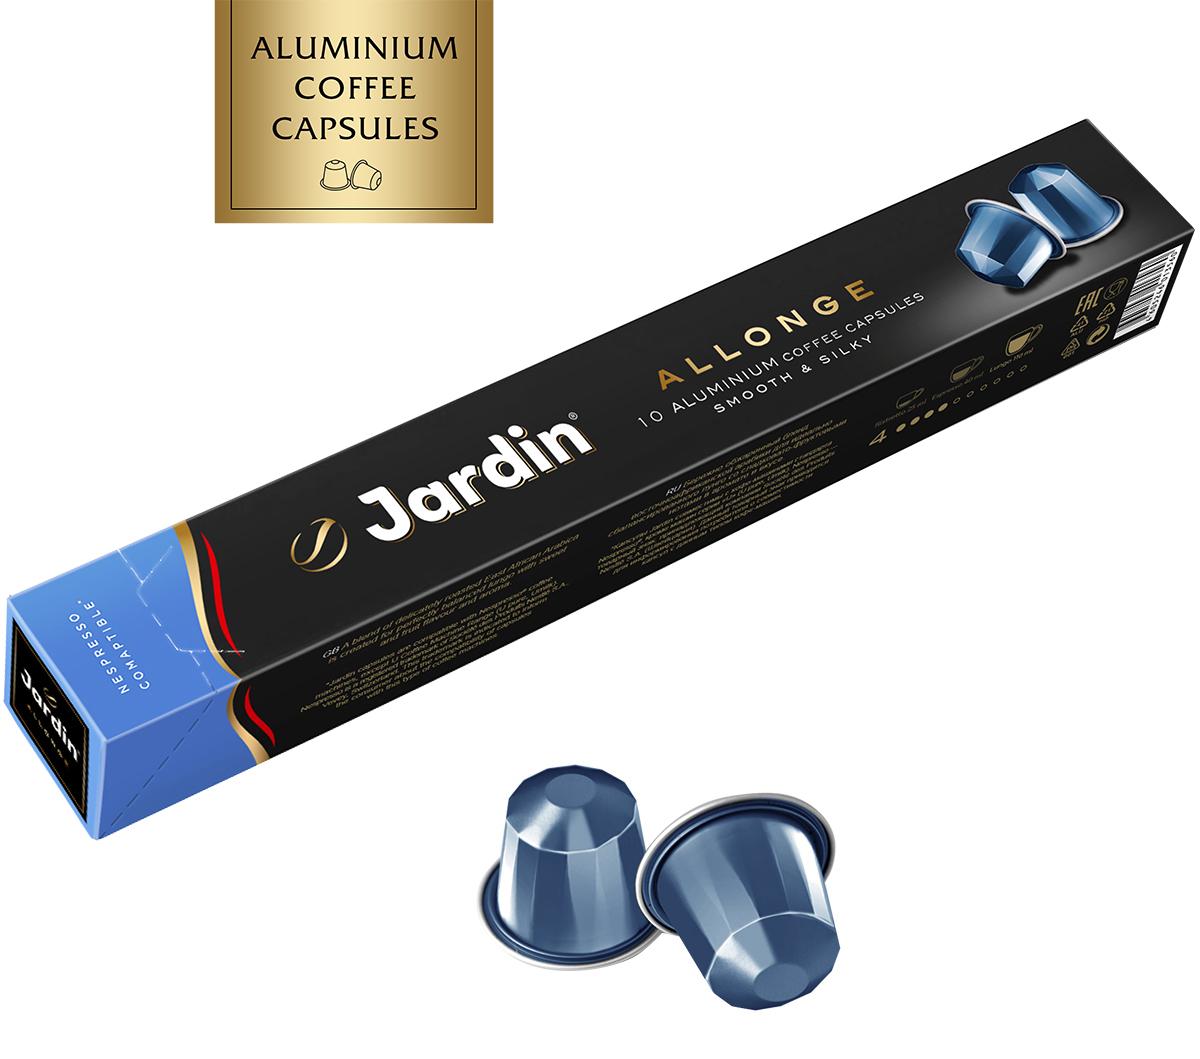 Jardin Allonge кофе жареный молотый в алюминиевых капсулах, 10 шт по 5,5 г кофе в капсулах tassimo карт нуар кафе лонг интенс 128г